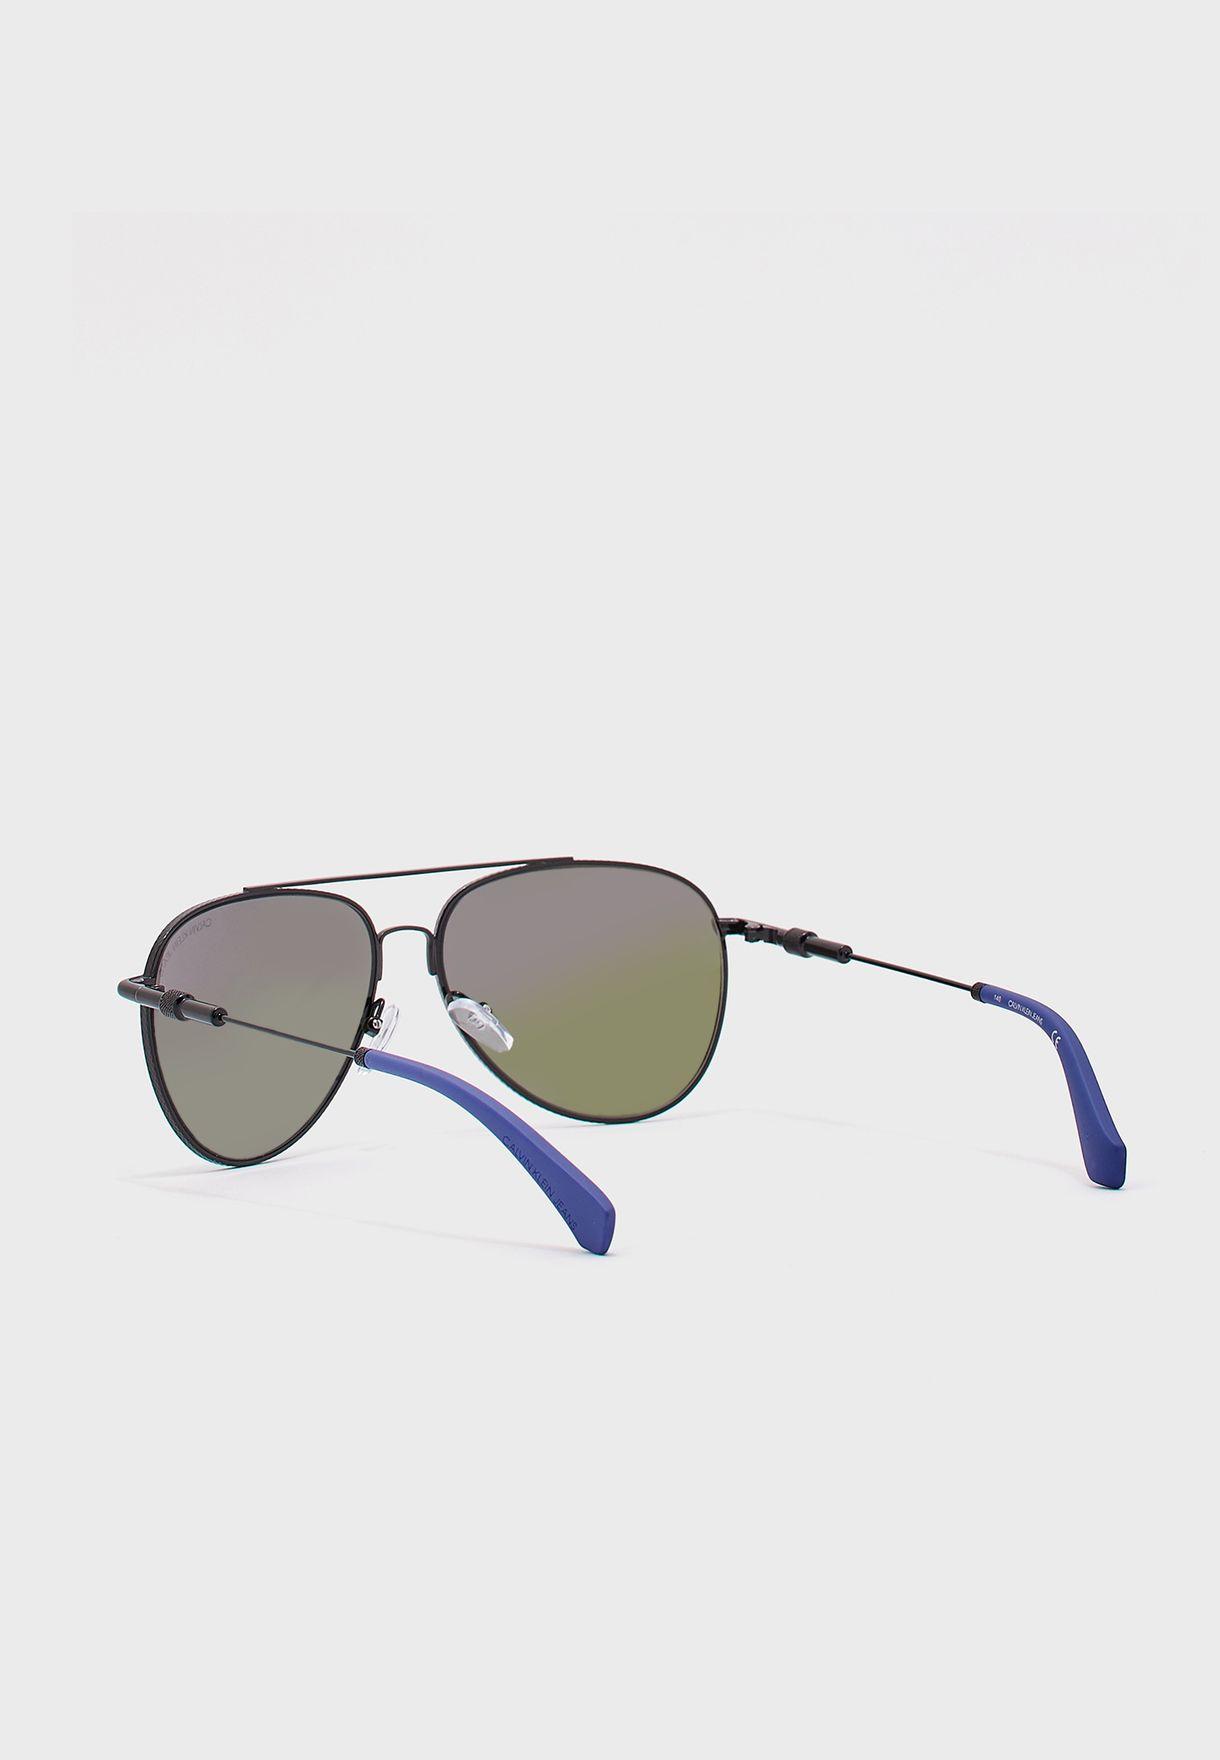 Ckj162S Aviator Sunglasses